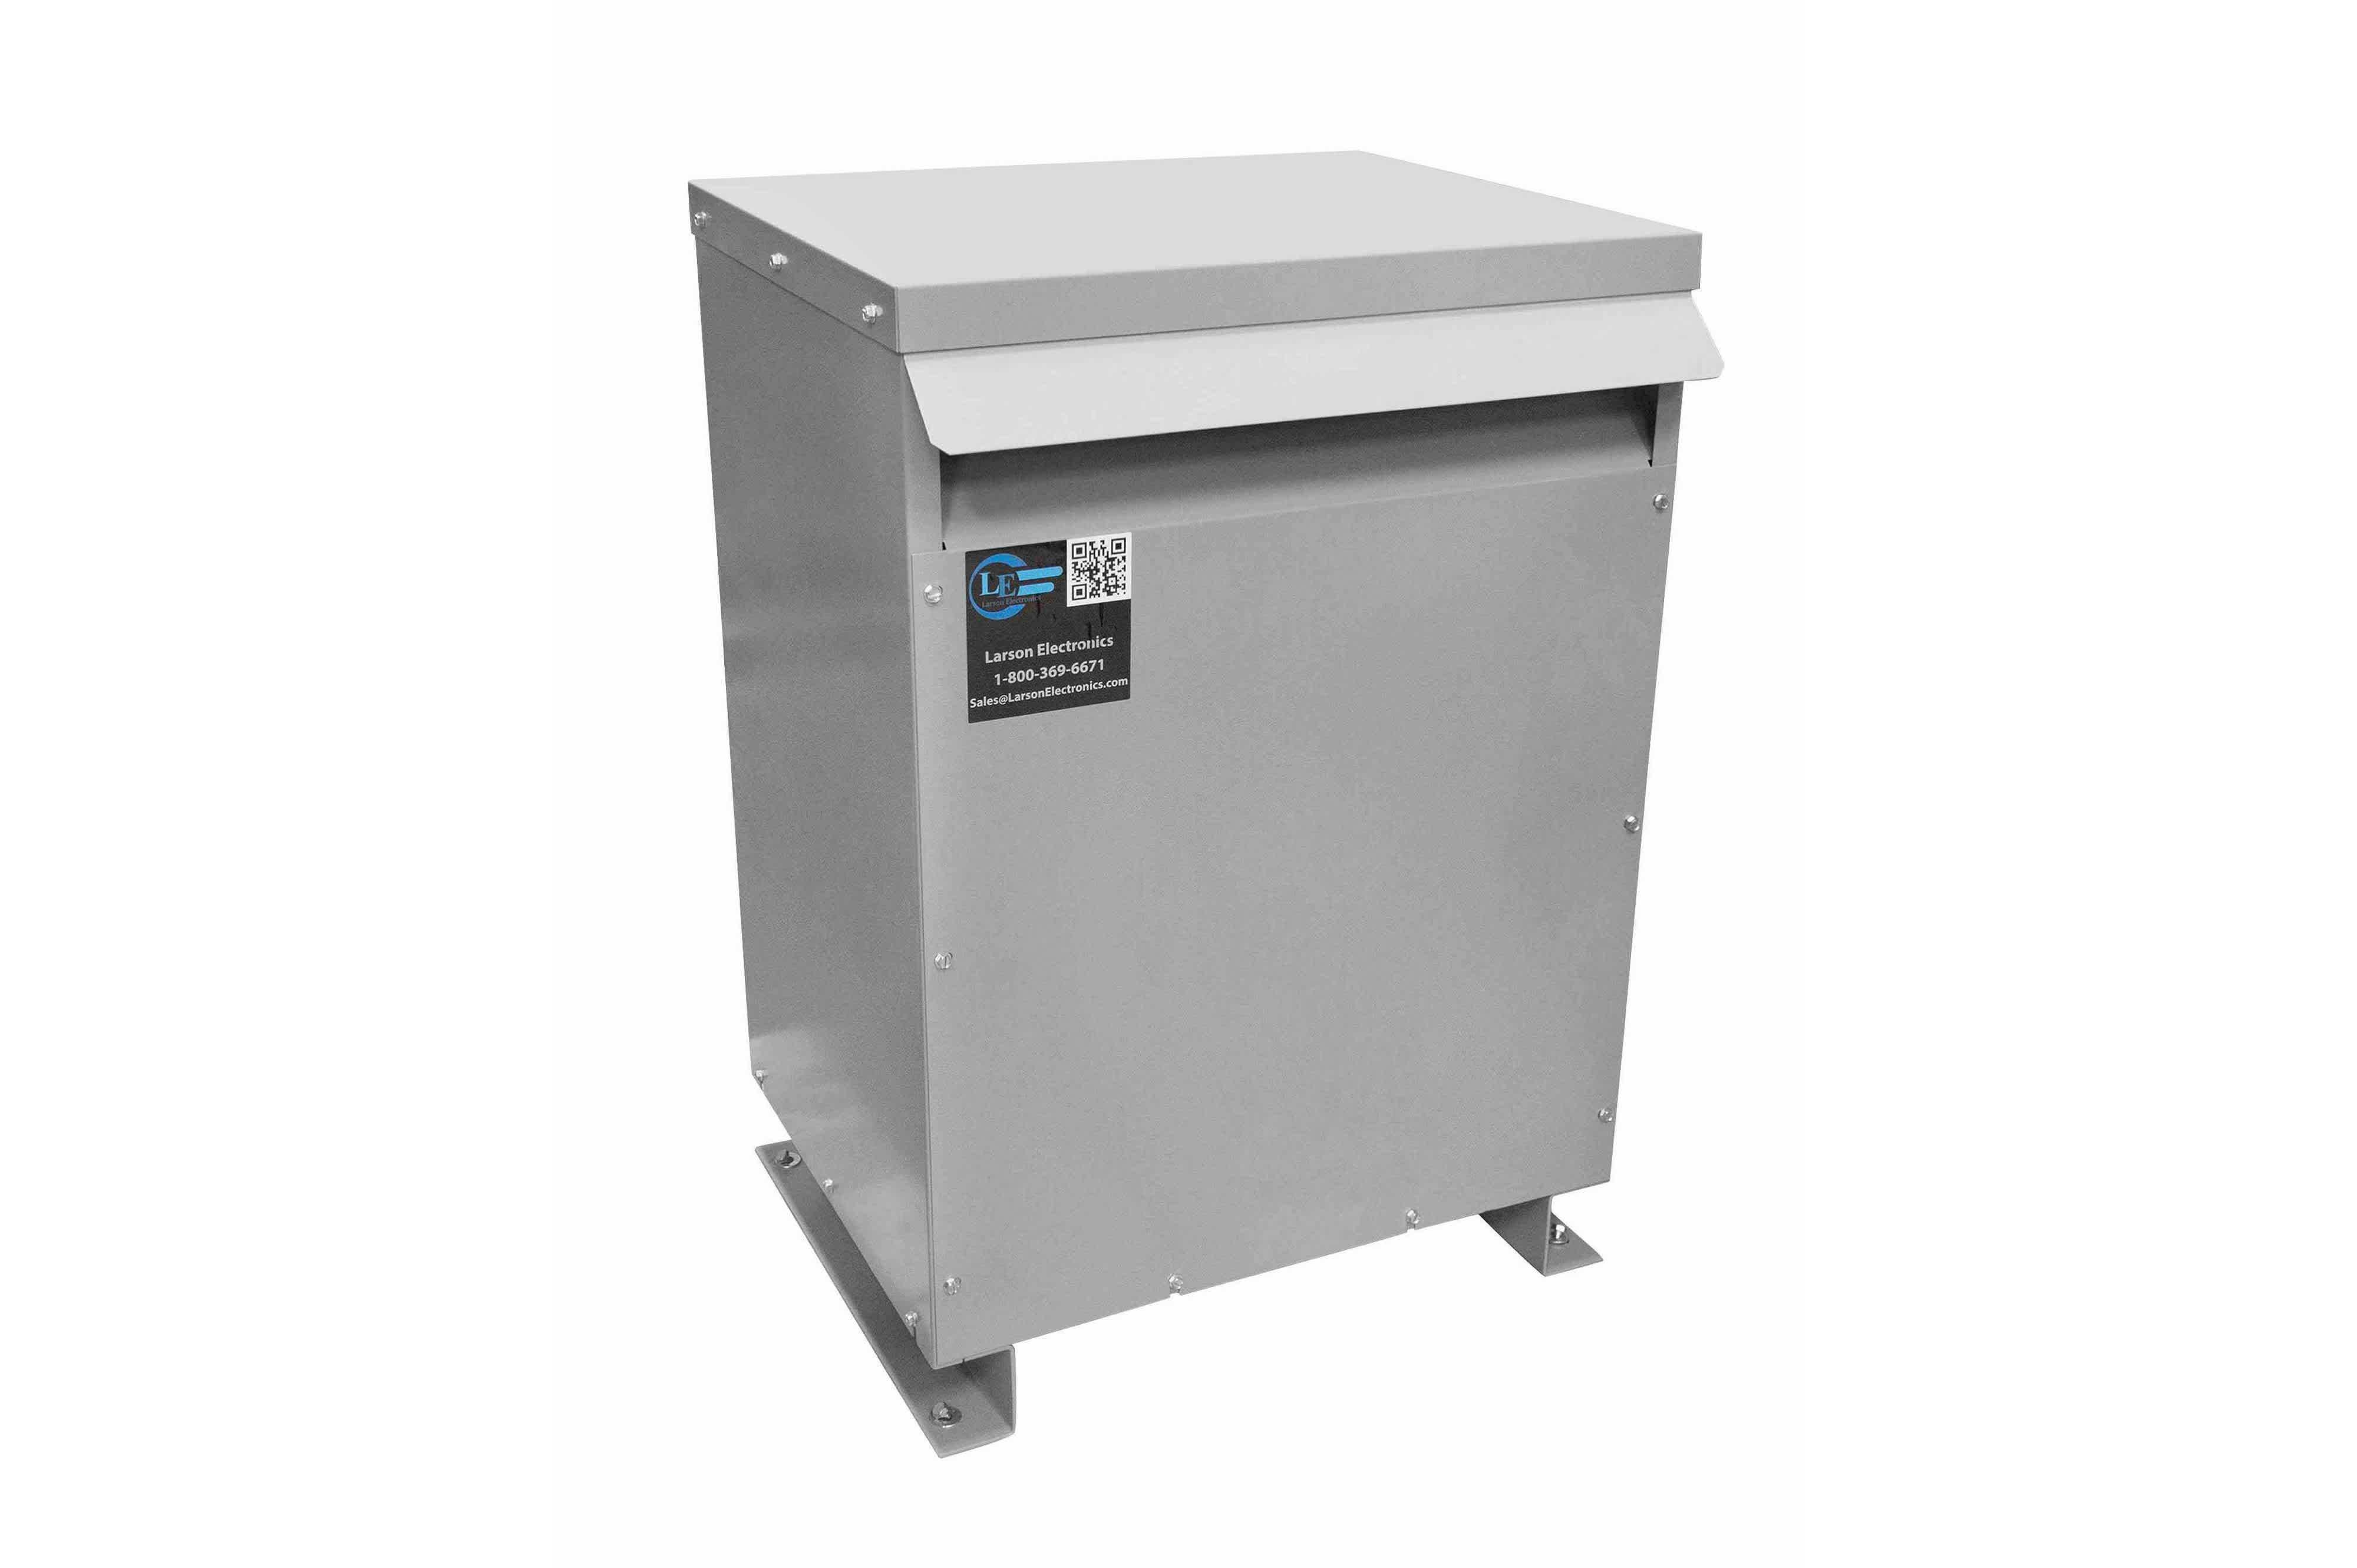 900 kVA 3PH Isolation Transformer, 230V Delta Primary, 480V Delta Secondary, N3R, Ventilated, 60 Hz